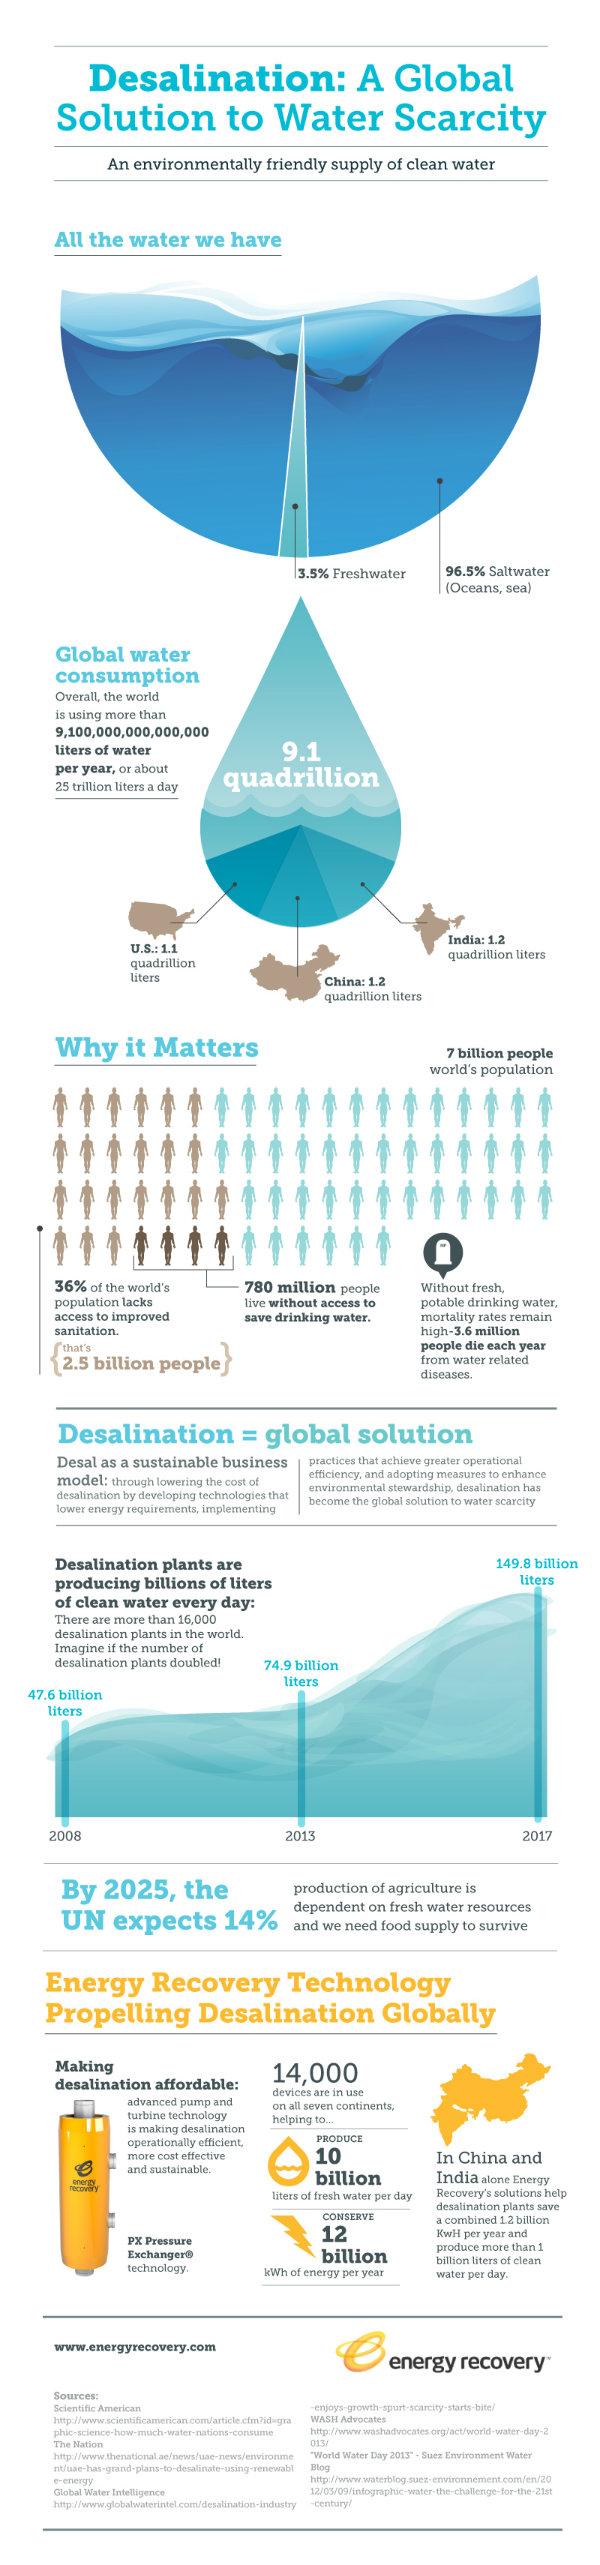 World Water Day, Desalination